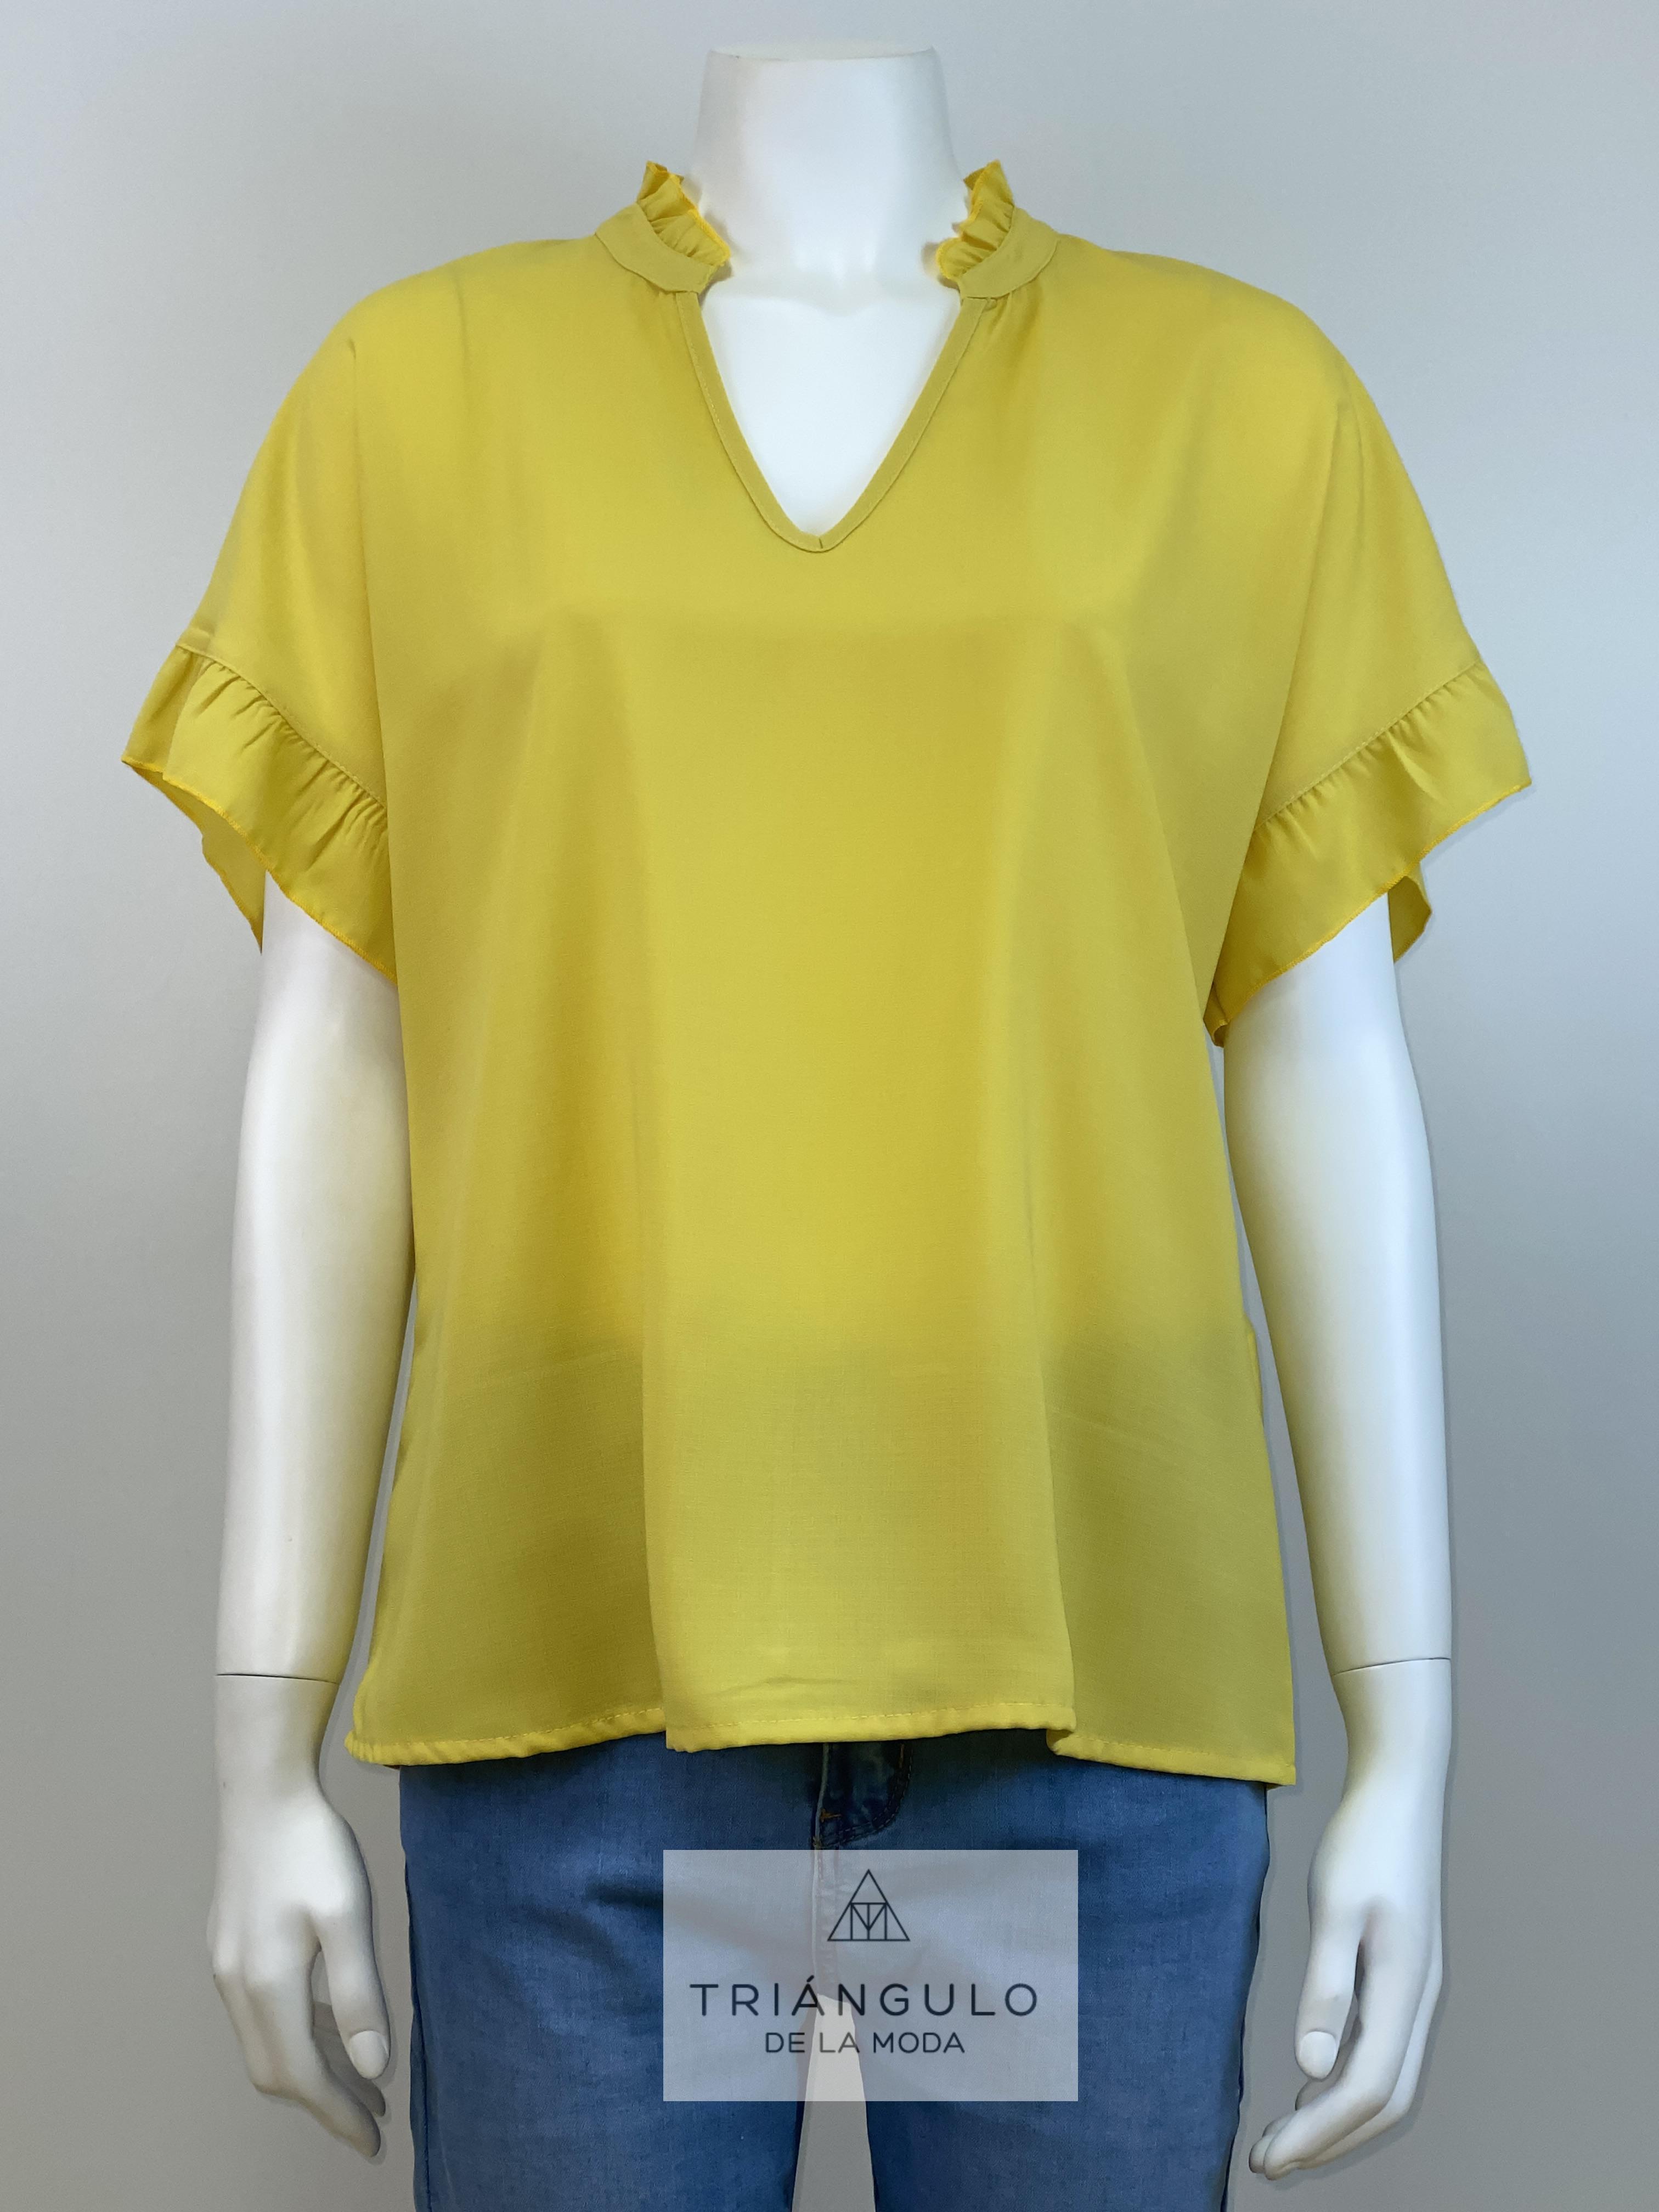 Tienda online del Triangulo de la Moda blusa primavera verano